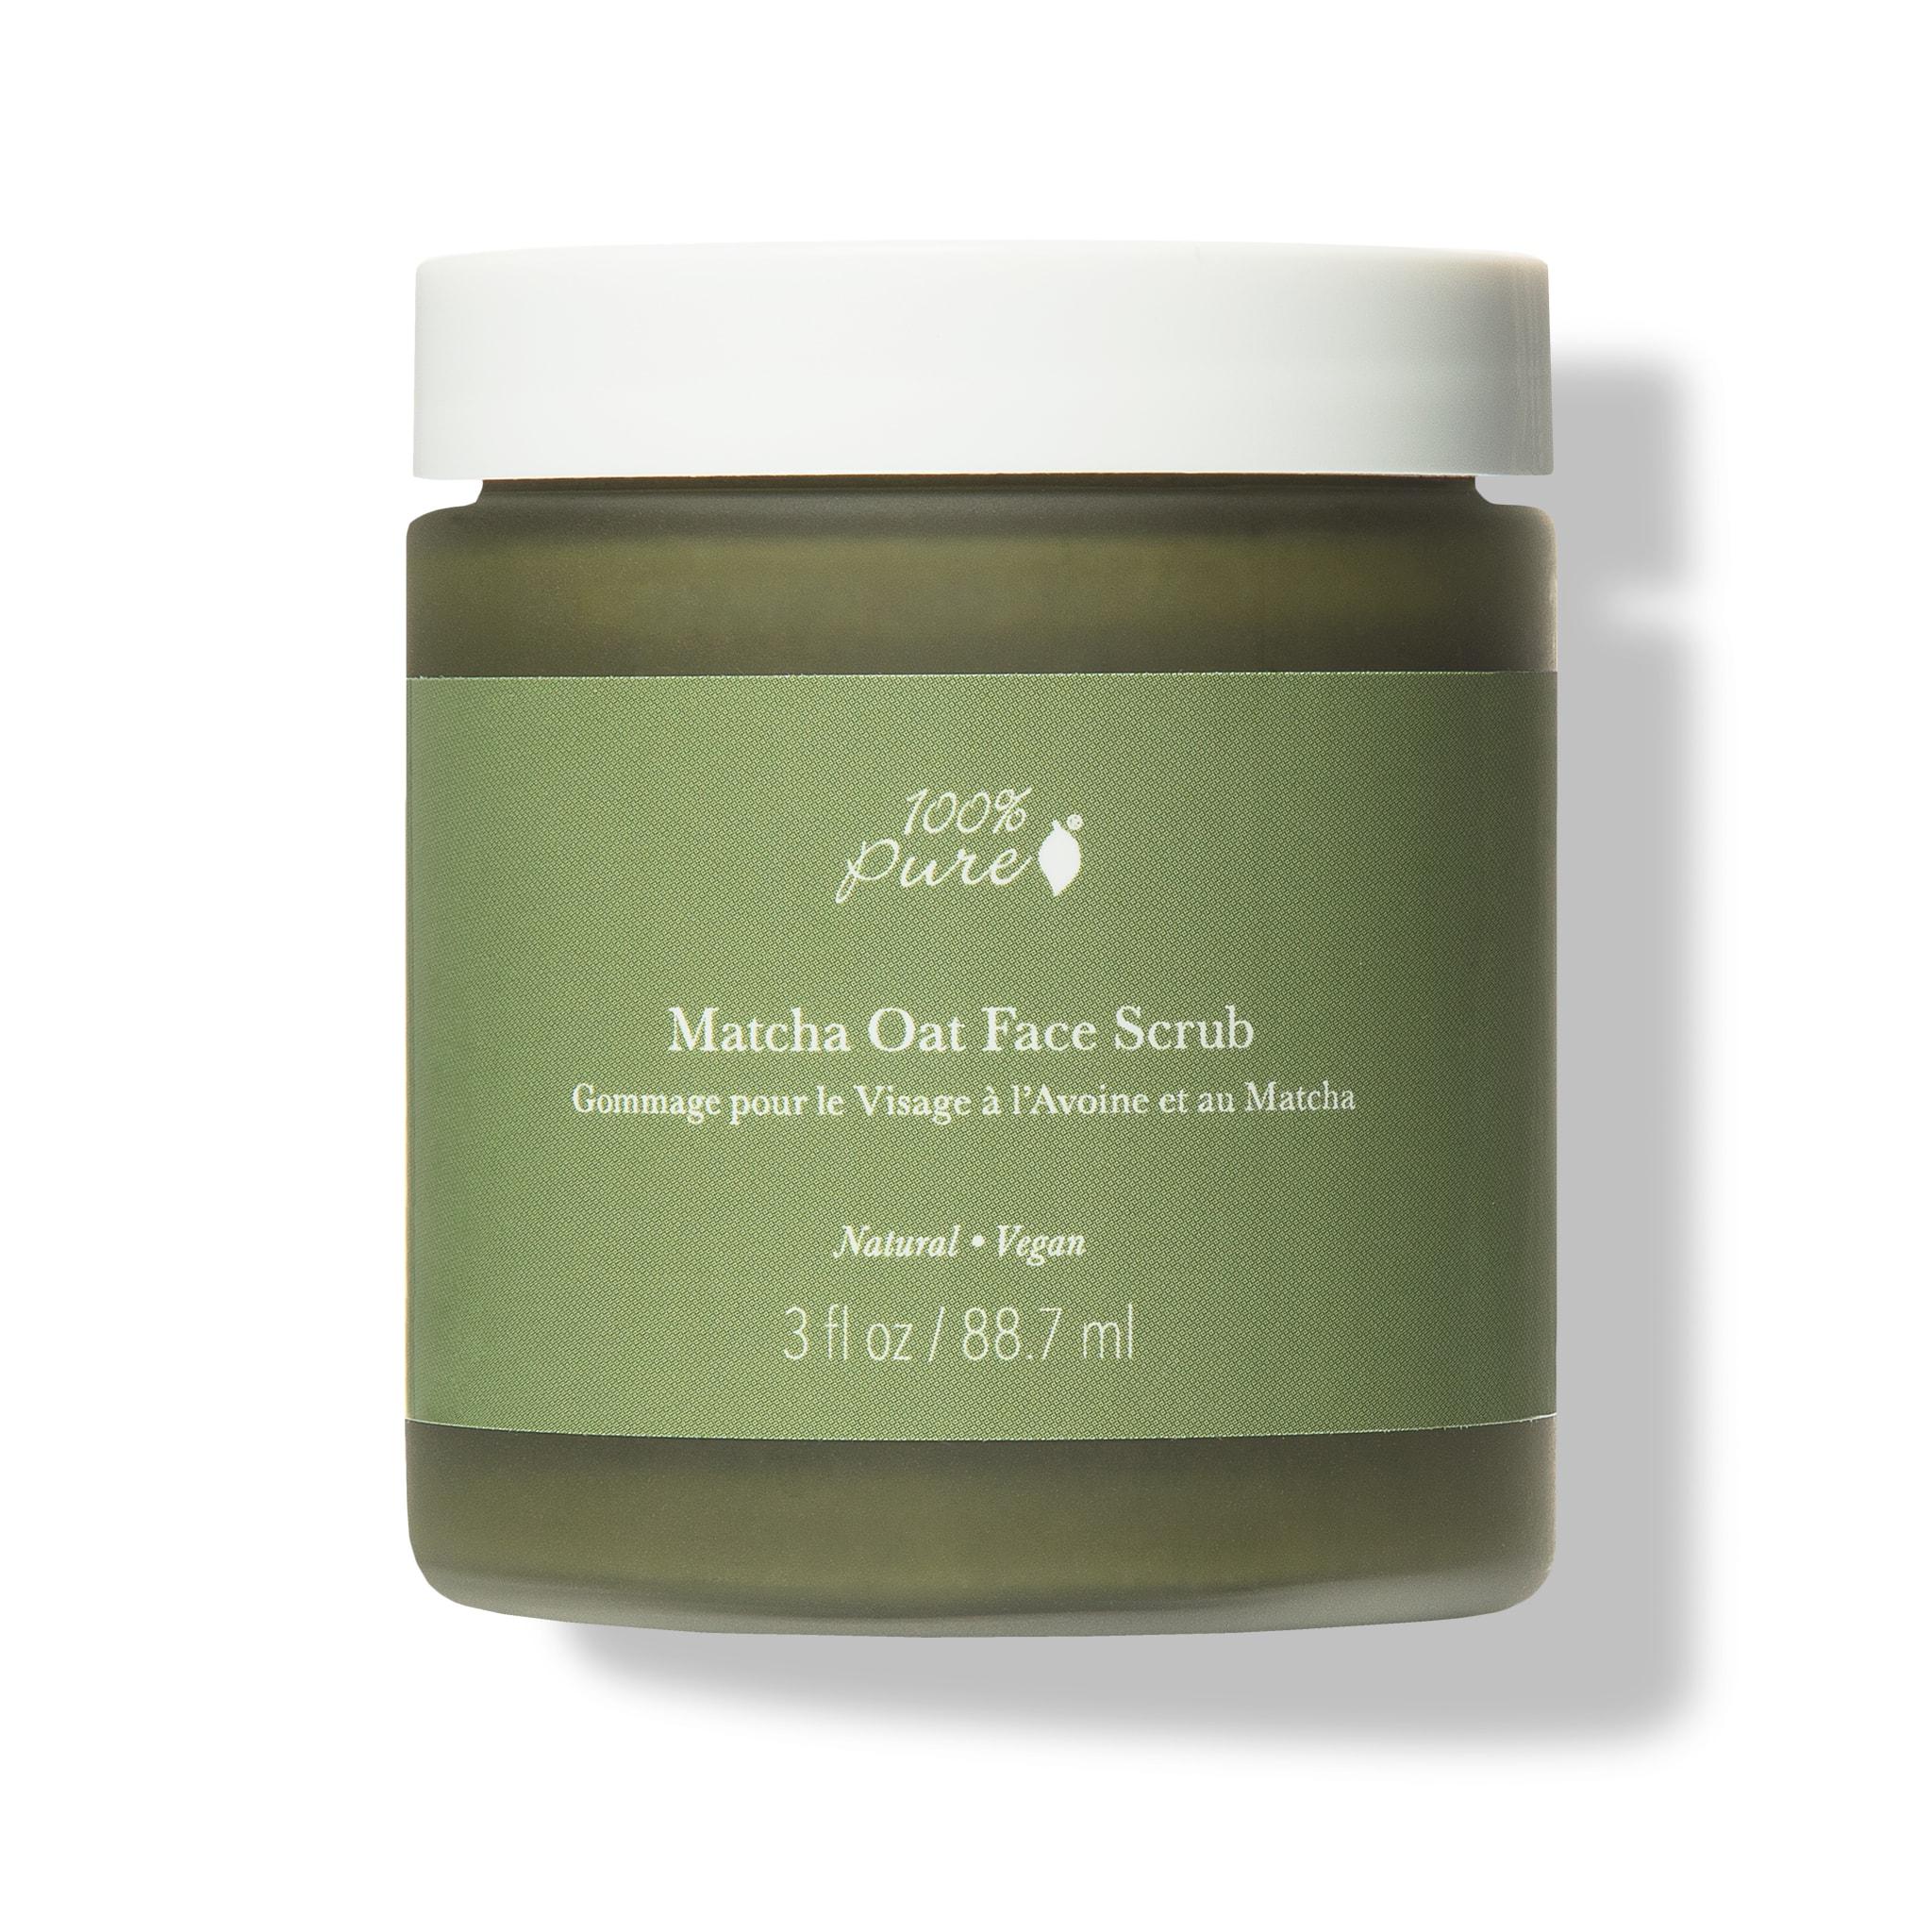 Product Grid - Matcha Oat Face Scrub